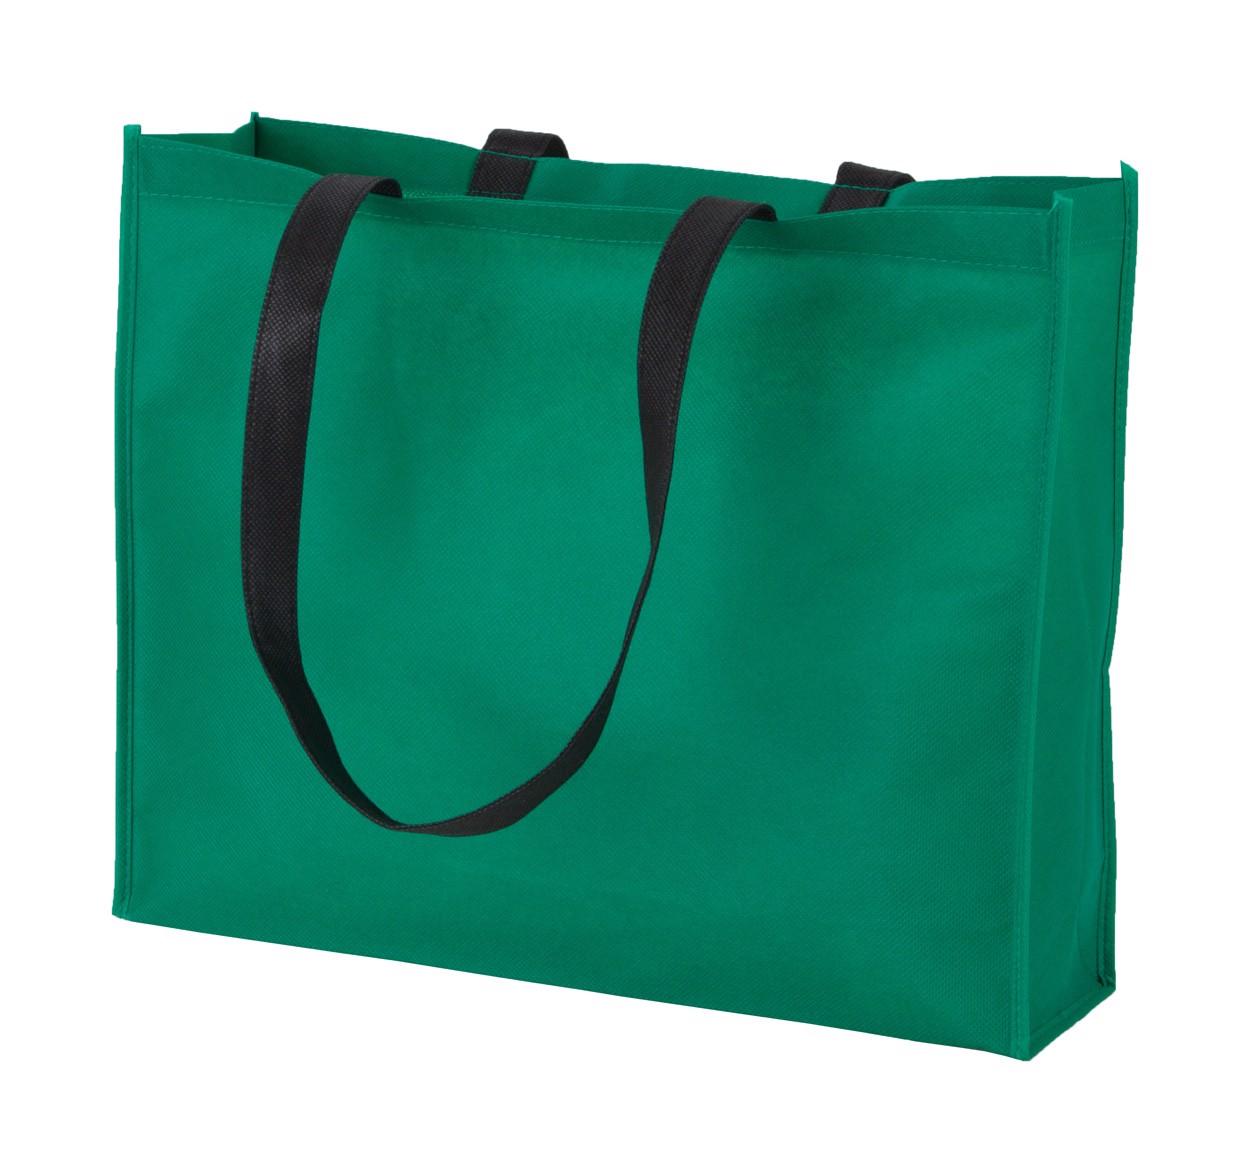 Nákupní Taška Tucson - Zelená / Černá